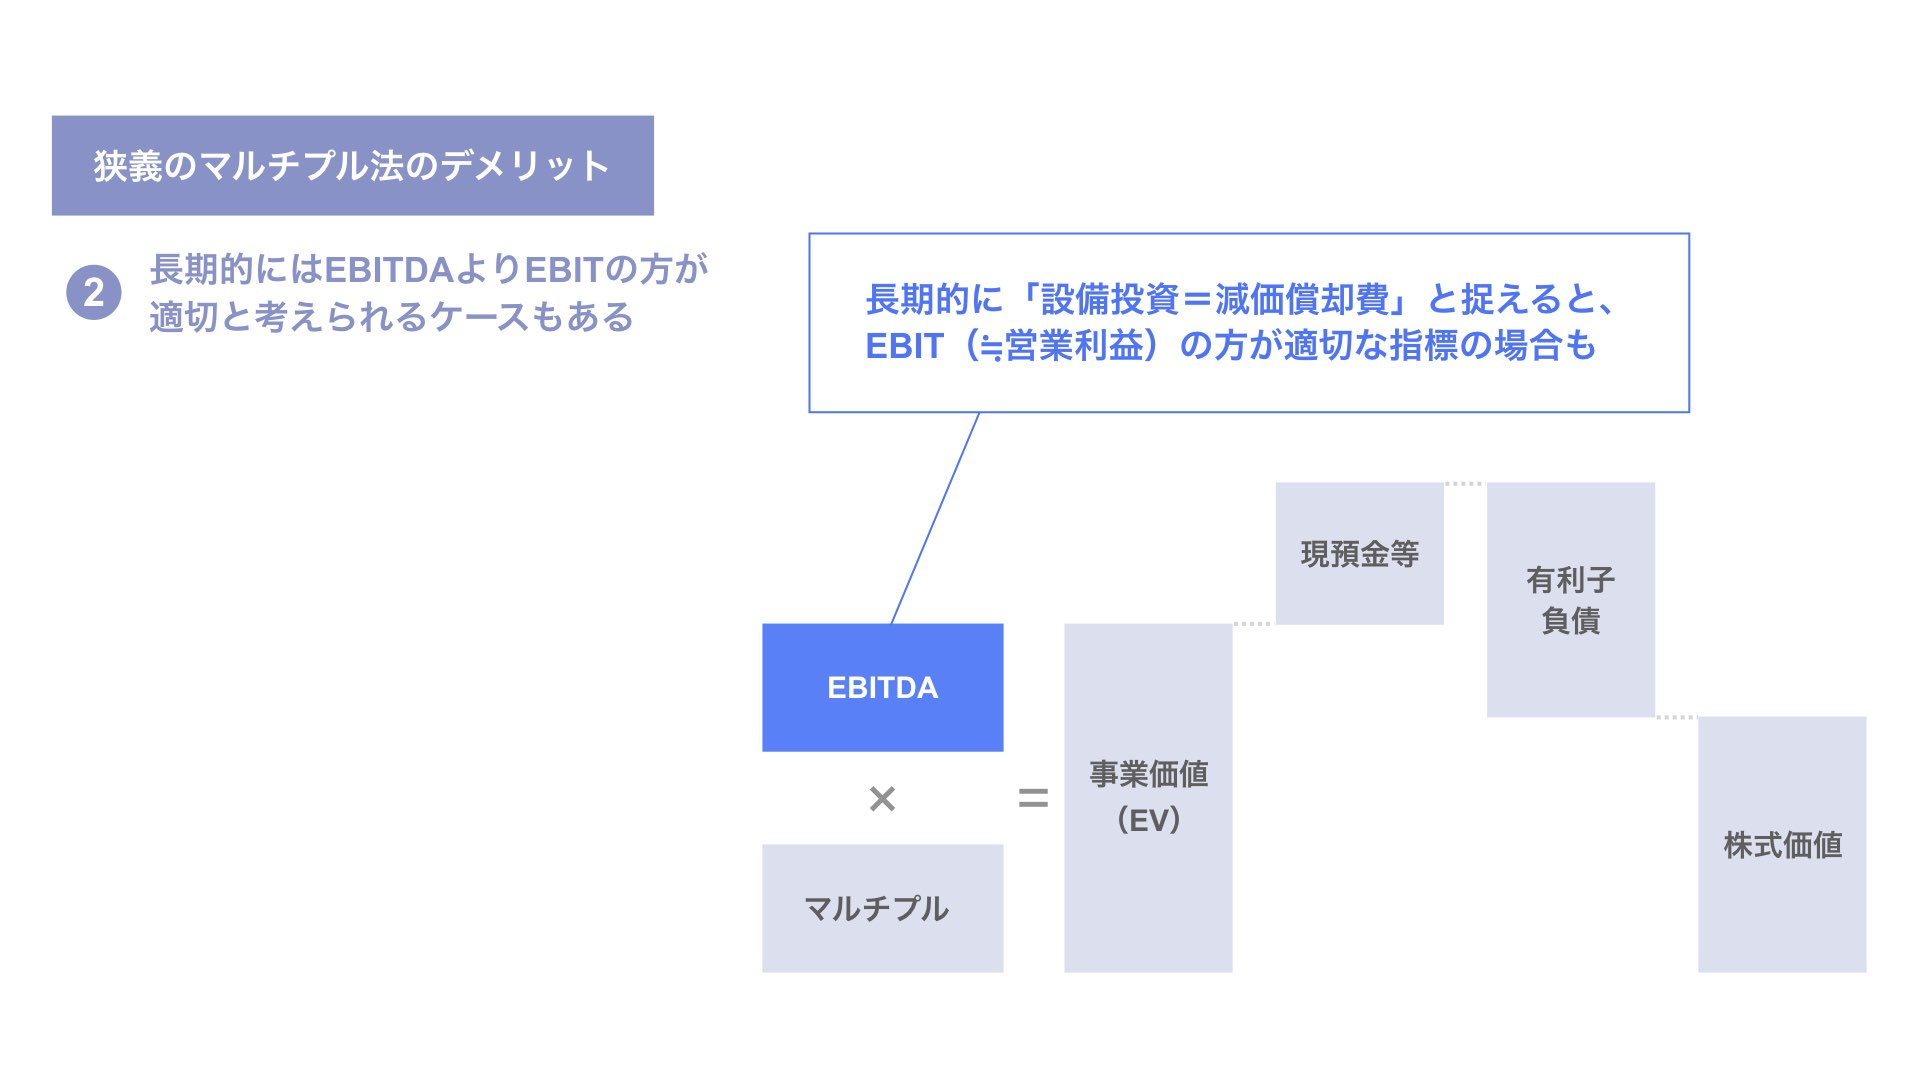 長期的にはEBITDAよりもEBITの方が計算指標としてより適切と考えられる